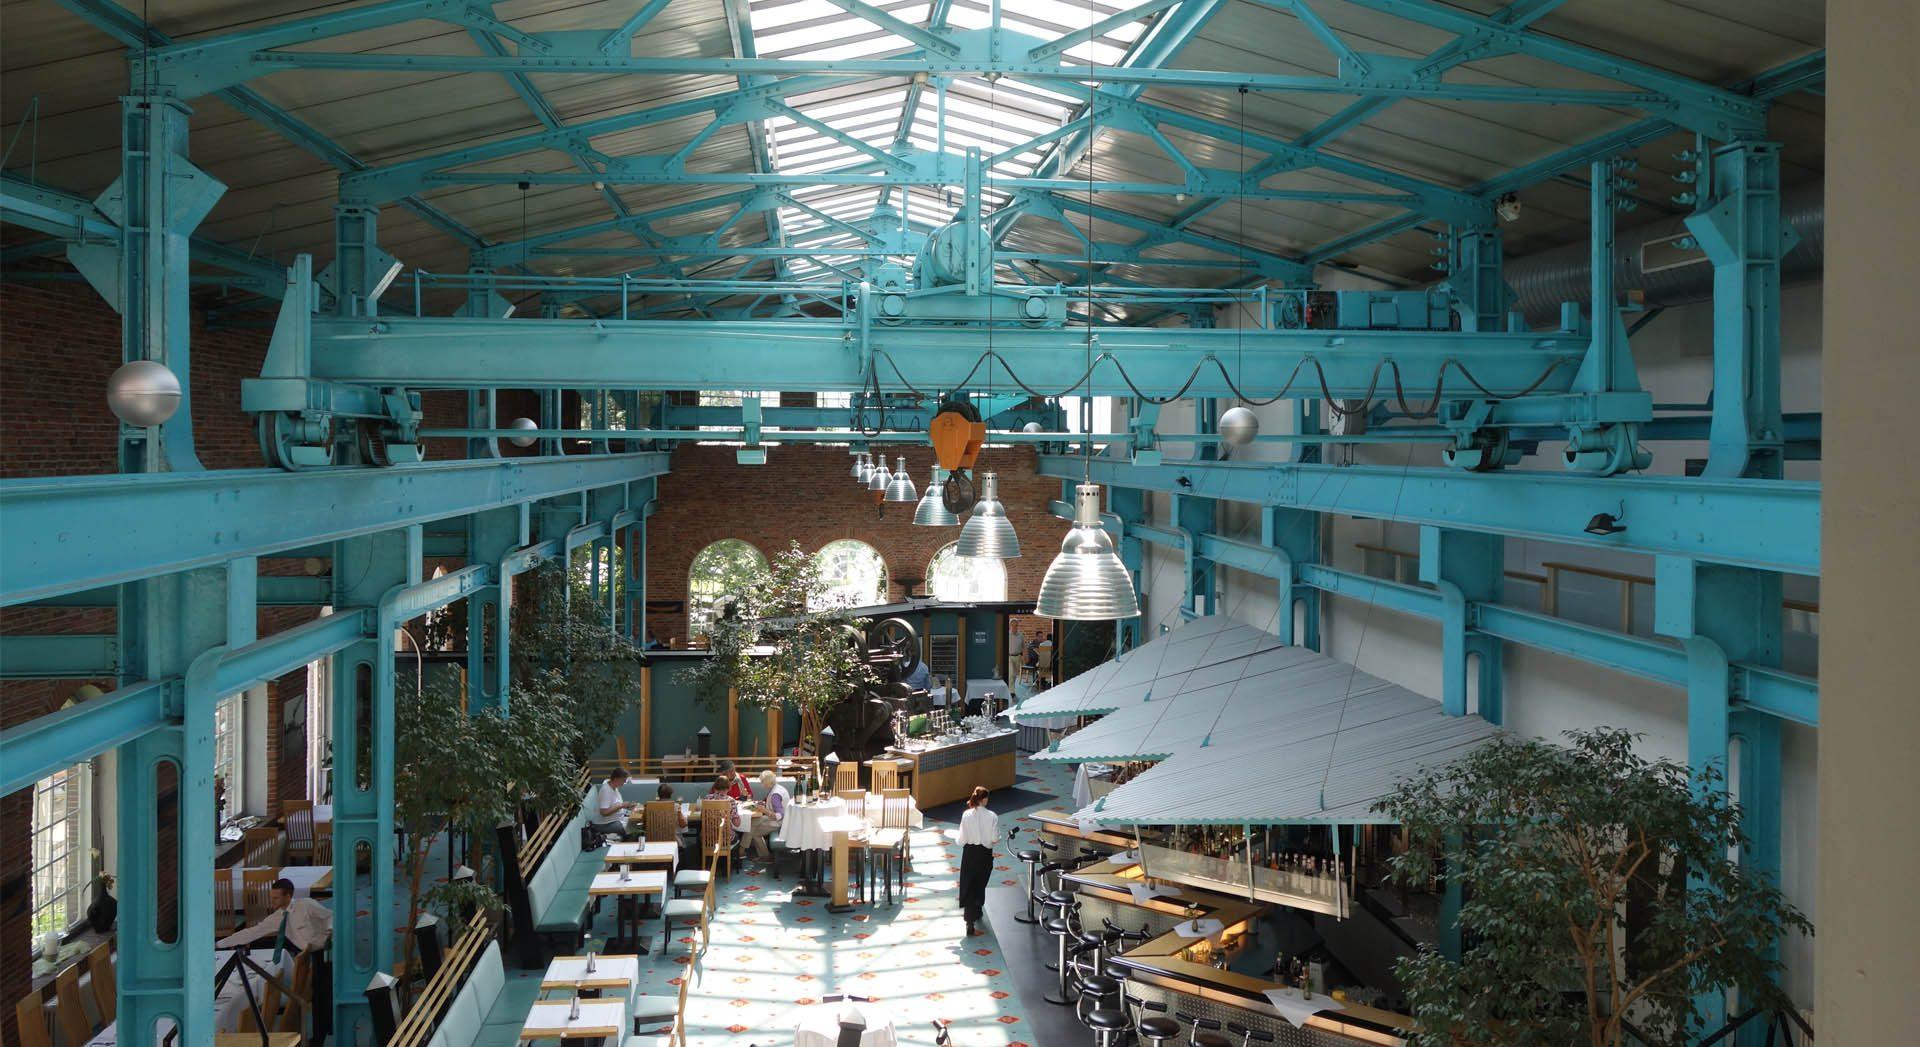 Architektur; Innenarchitektur; Veranstaltung; Lichtkonzept; Empfang; Lobby; Entreé; Theke; Tresen; Lobby; Rezeption; Möbeldesign; Hotel Alte Werft; Restaurant; Bar